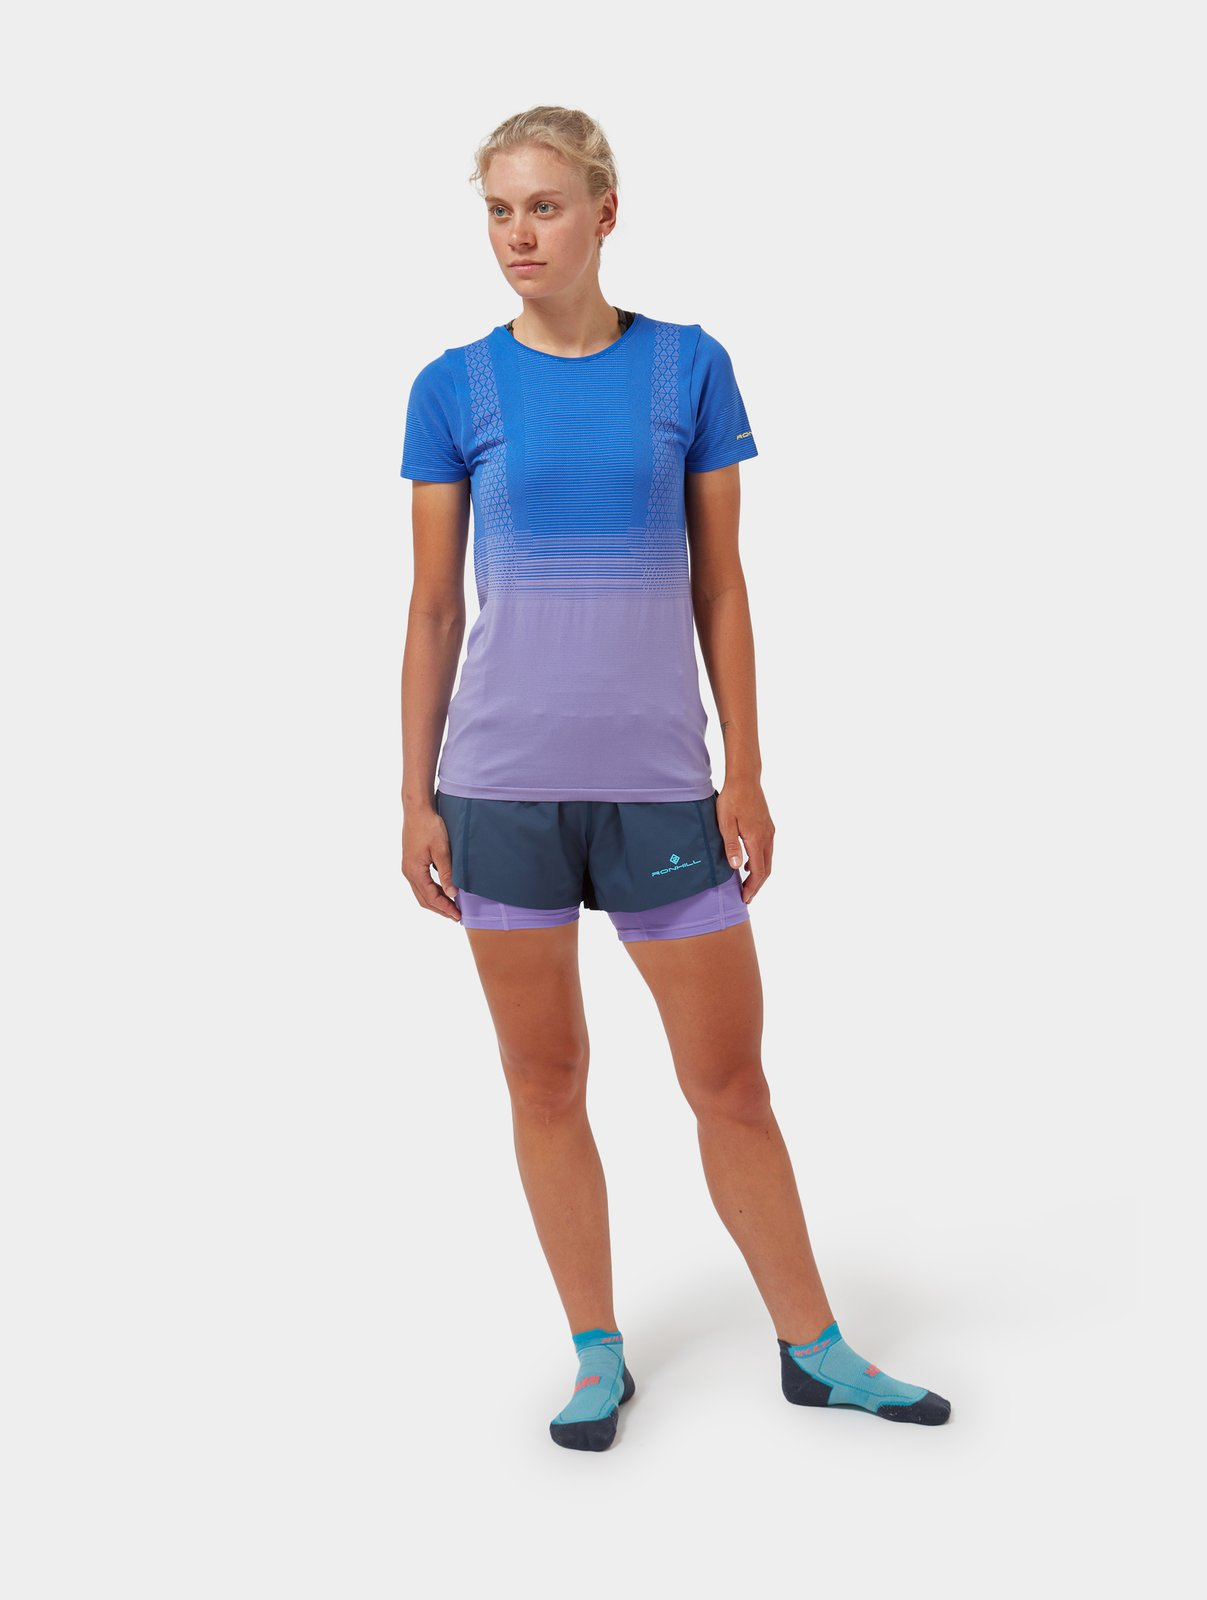 Σορτσάκι τρέξιμο τεχνικό θήκες - Performance Store Ρούχα - Αξεσουάρ - Κάλτσες ΡΟΥΧΑ ΤΕΧΝΙΚΑ ΜΠΛΟΥΖΑΚΙΑ - ΣΟΡΤΣΑΚΙΑ - ΔΡΟΜΙΚΑ ΡΟΥΧΑ ΑΘΛΗΤΙΚΆ